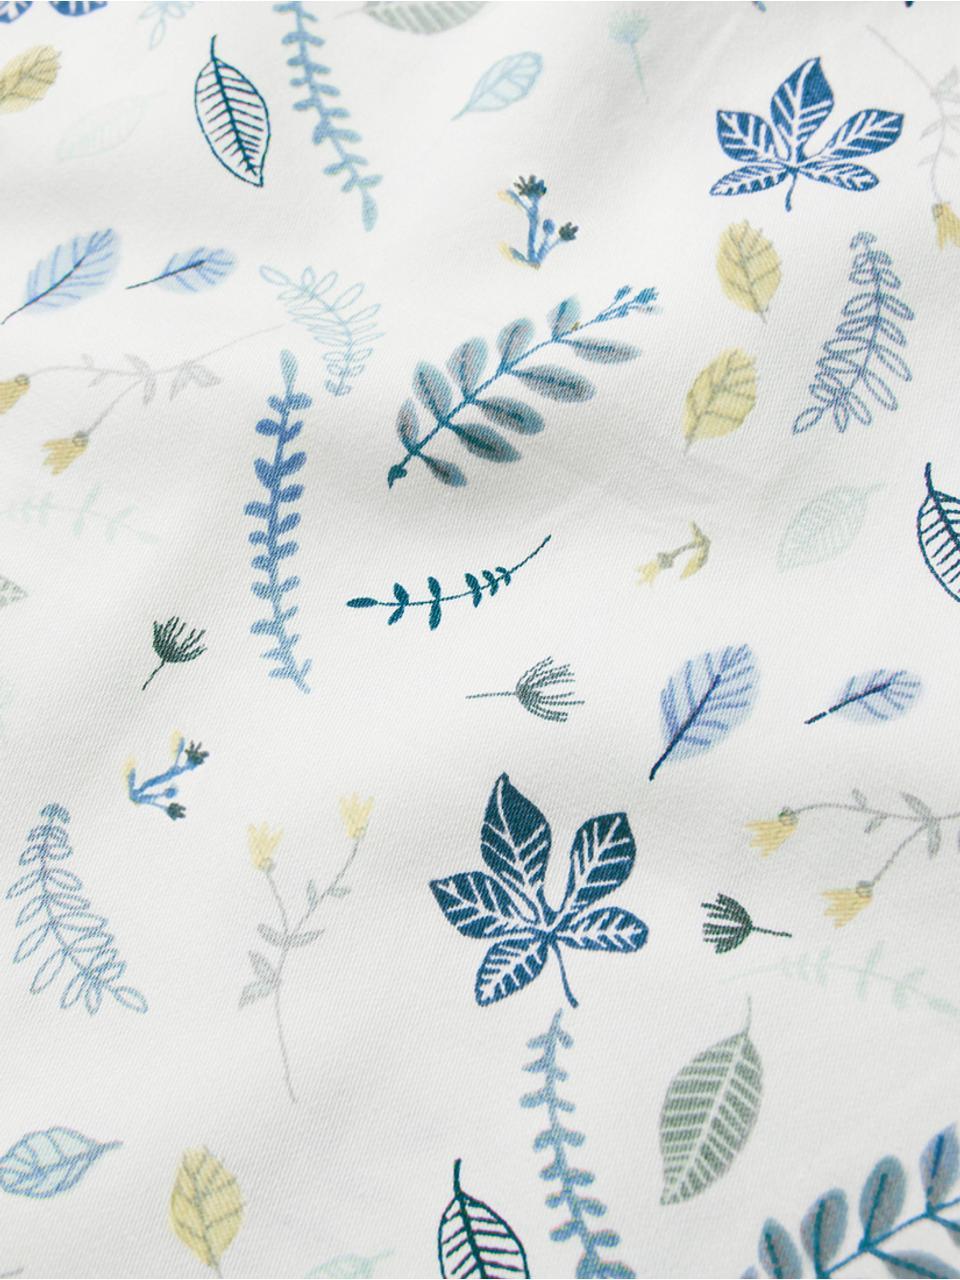 Baumwollsatin-Bettwäsche Pressed Leaves, Baumwollsatin, GOTS-zertifiziert, Weiß, Blau, Grau, Gelb, 100 x 135 cm